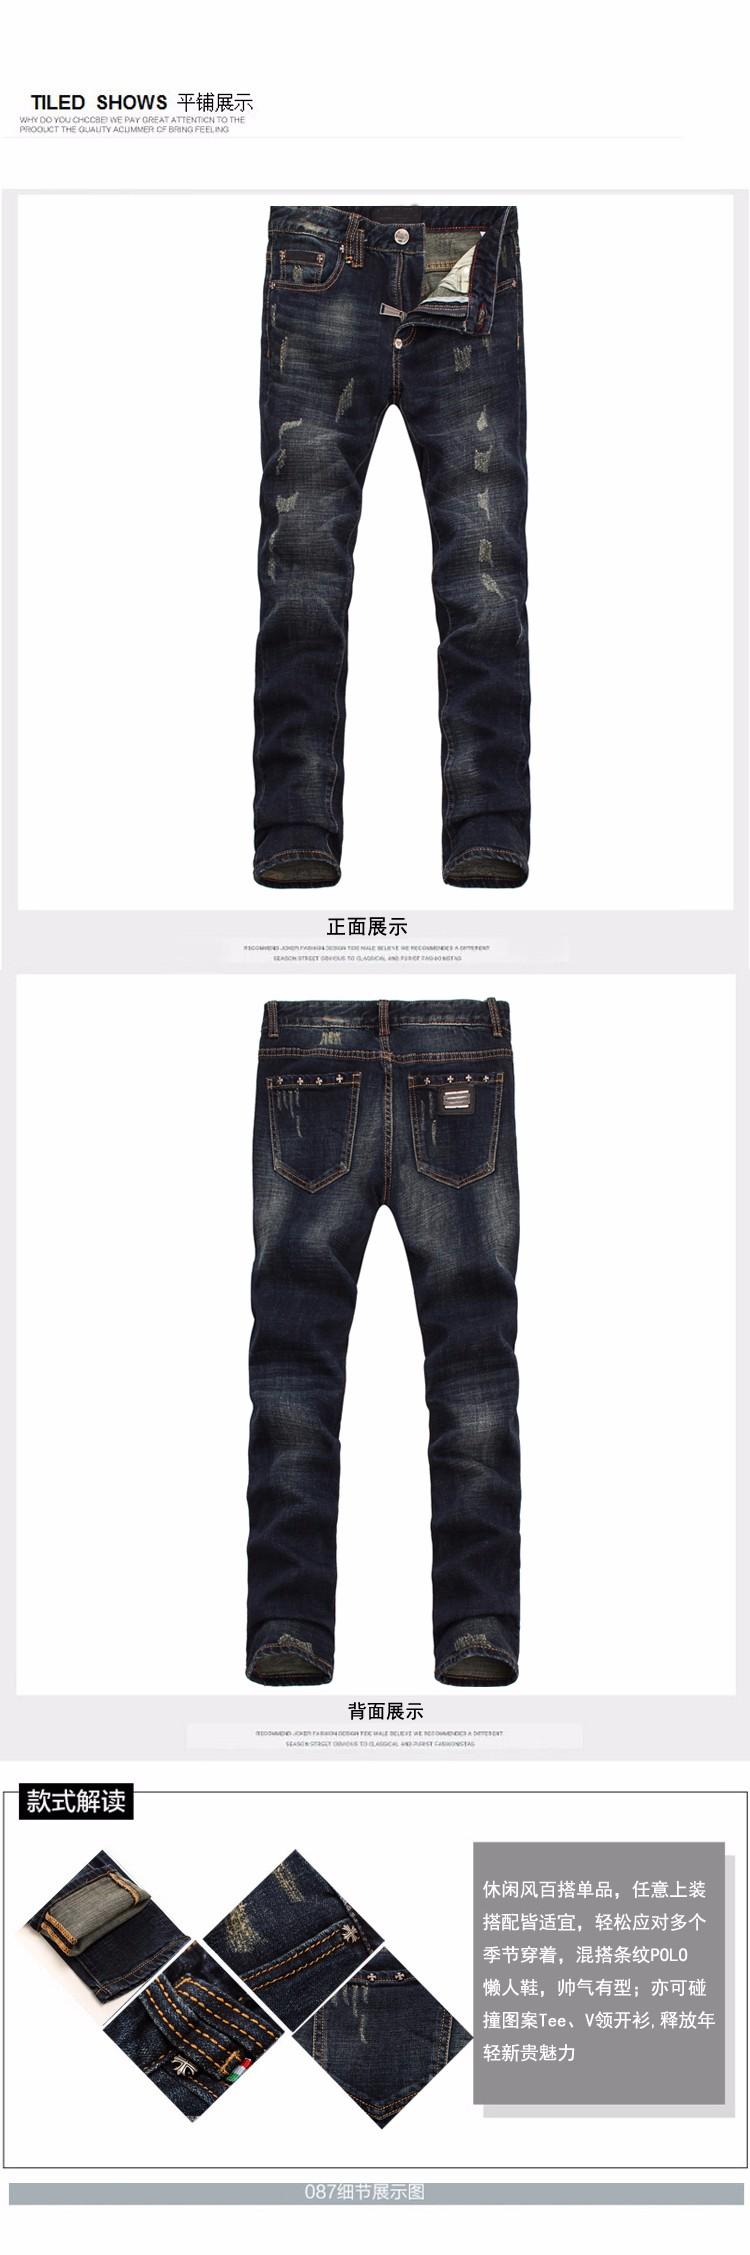 Скидки на Темно-синий бренд брюки одежды брюки дизайнер мальчик джинсы прямые Маленькие ноги штаны отверстие Джинсы мужчин Случайные брюки